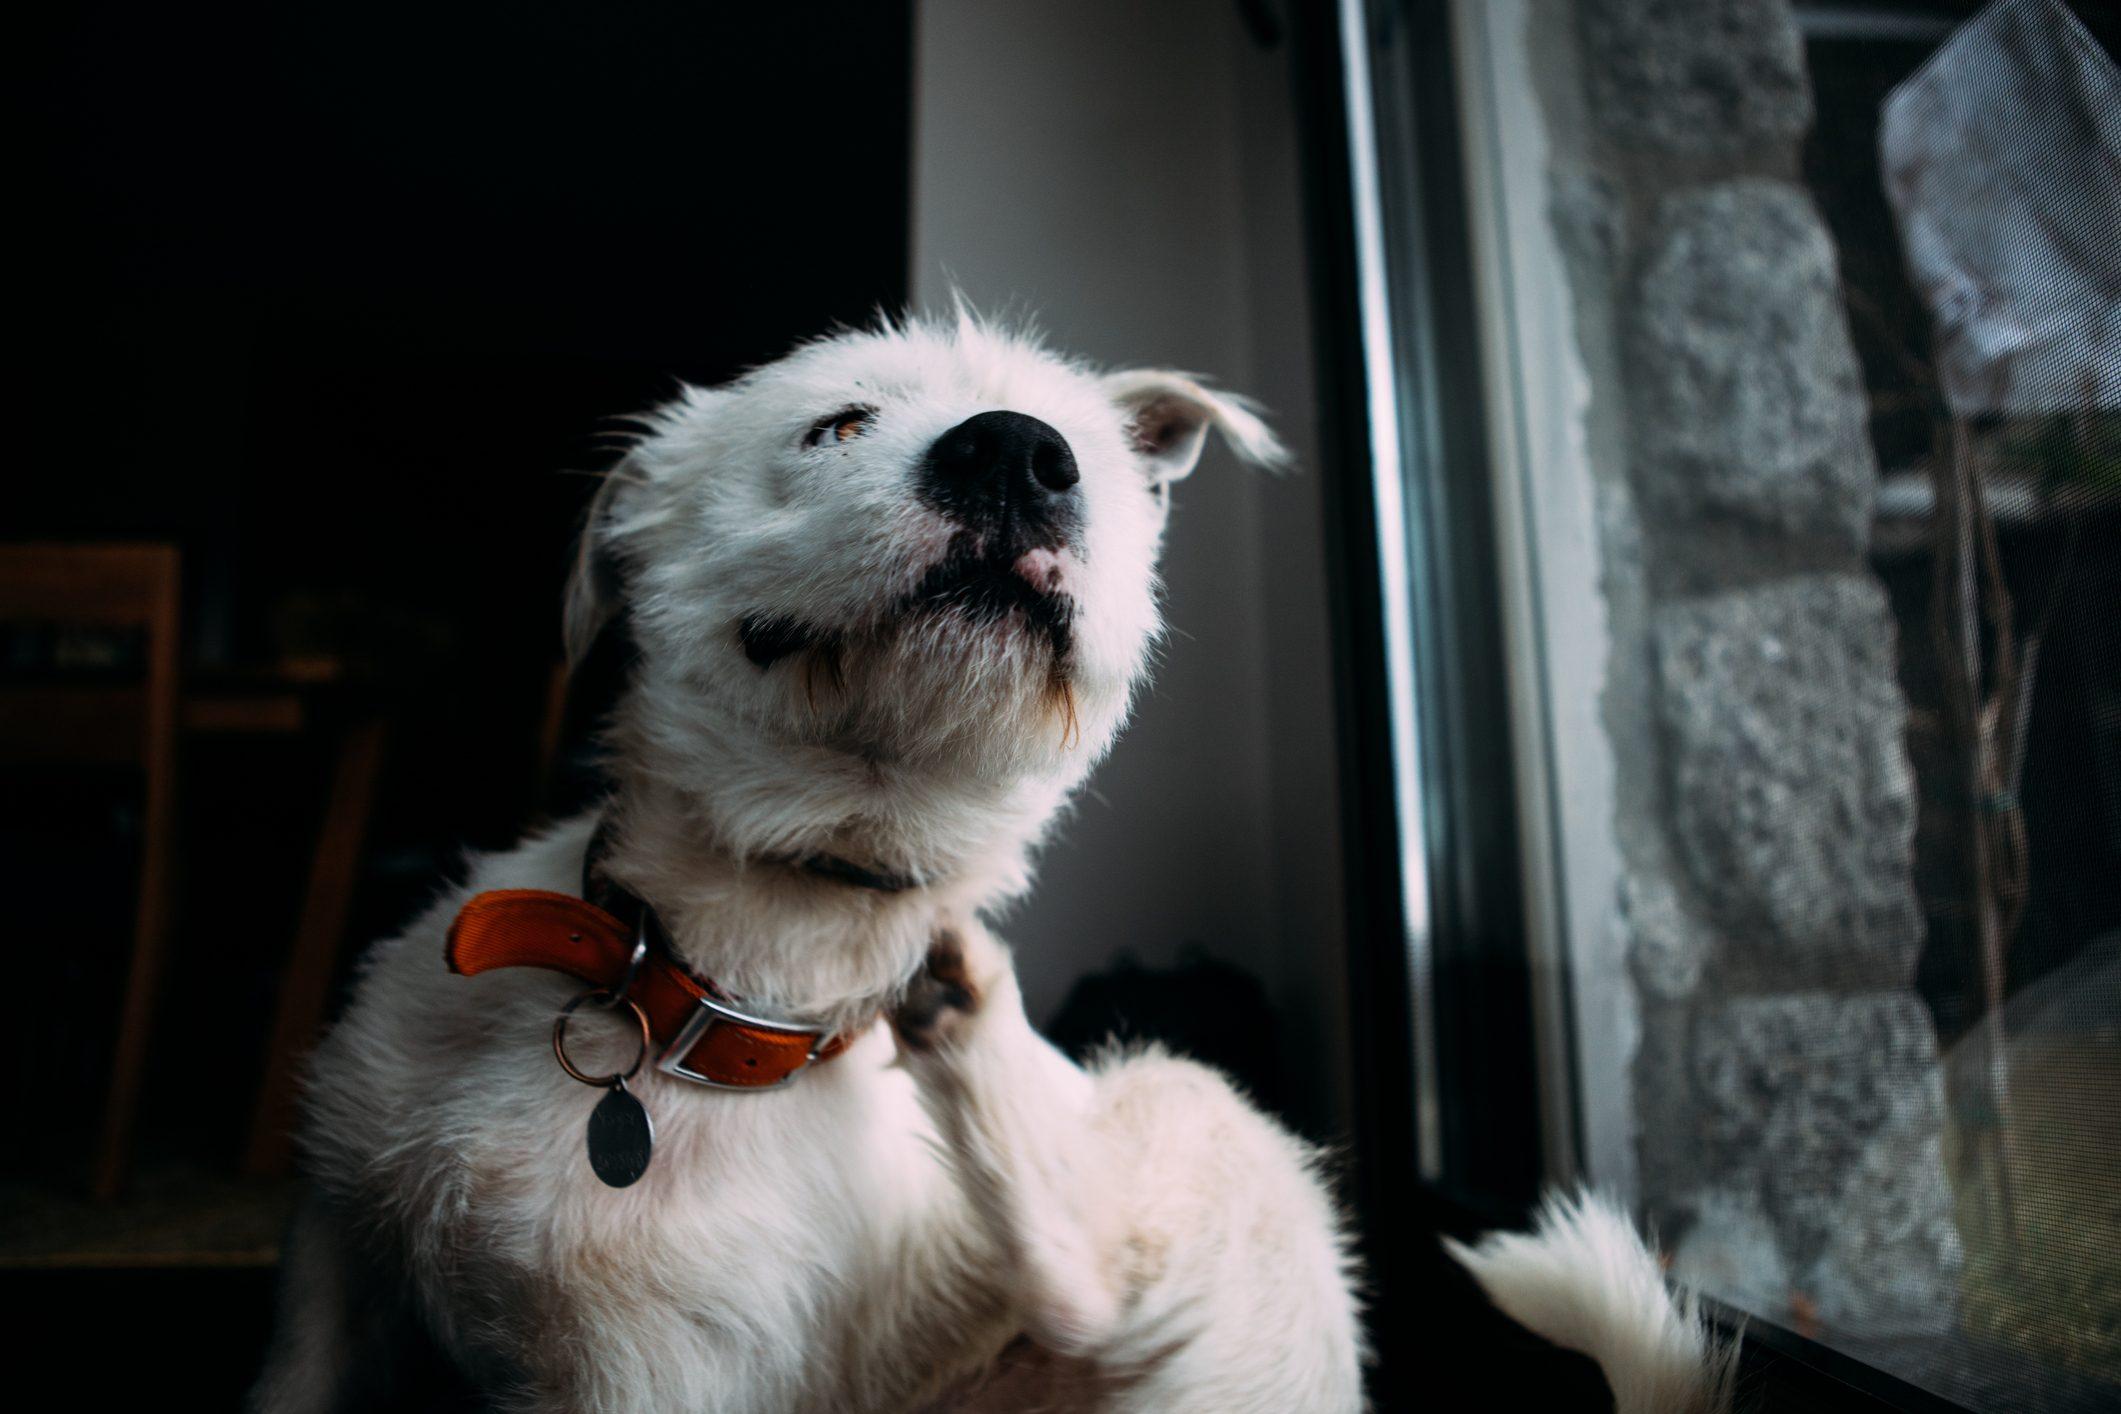 A dog scratching itself